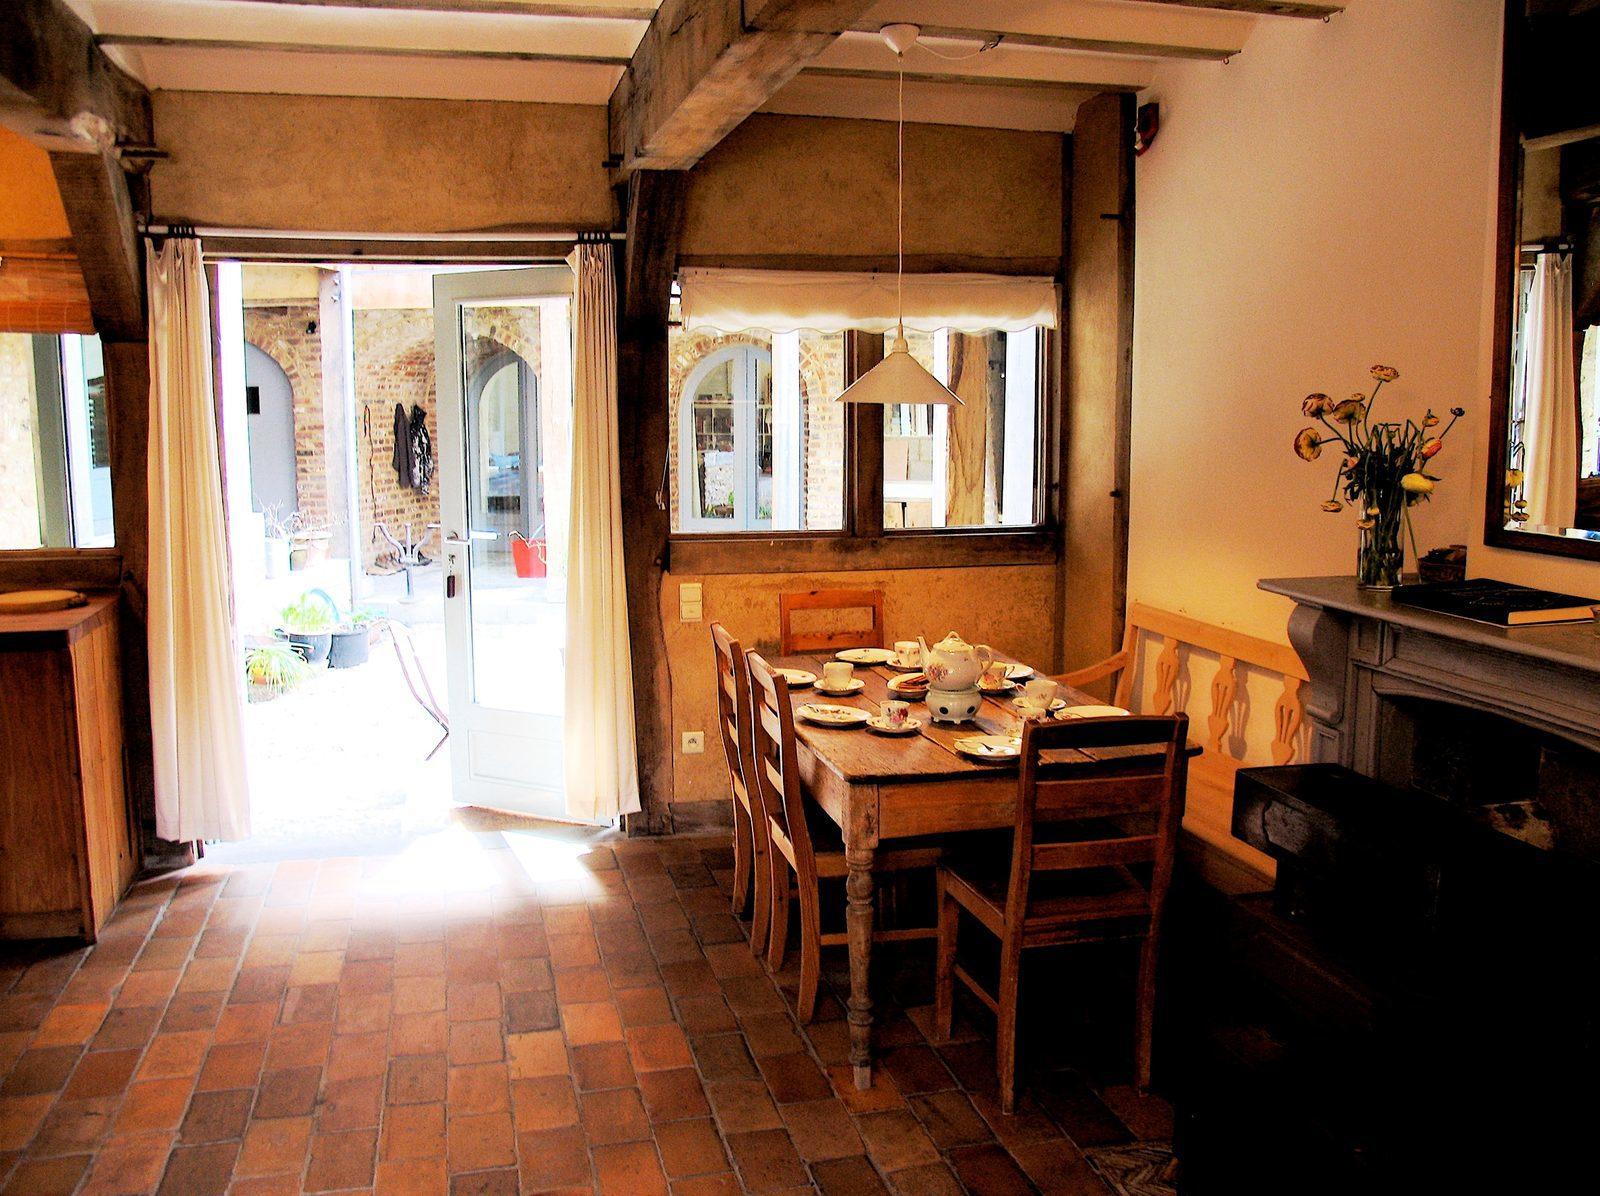 Wentelhuis, vakantiehuis in de Voerstreek met Ardenner houtkachel